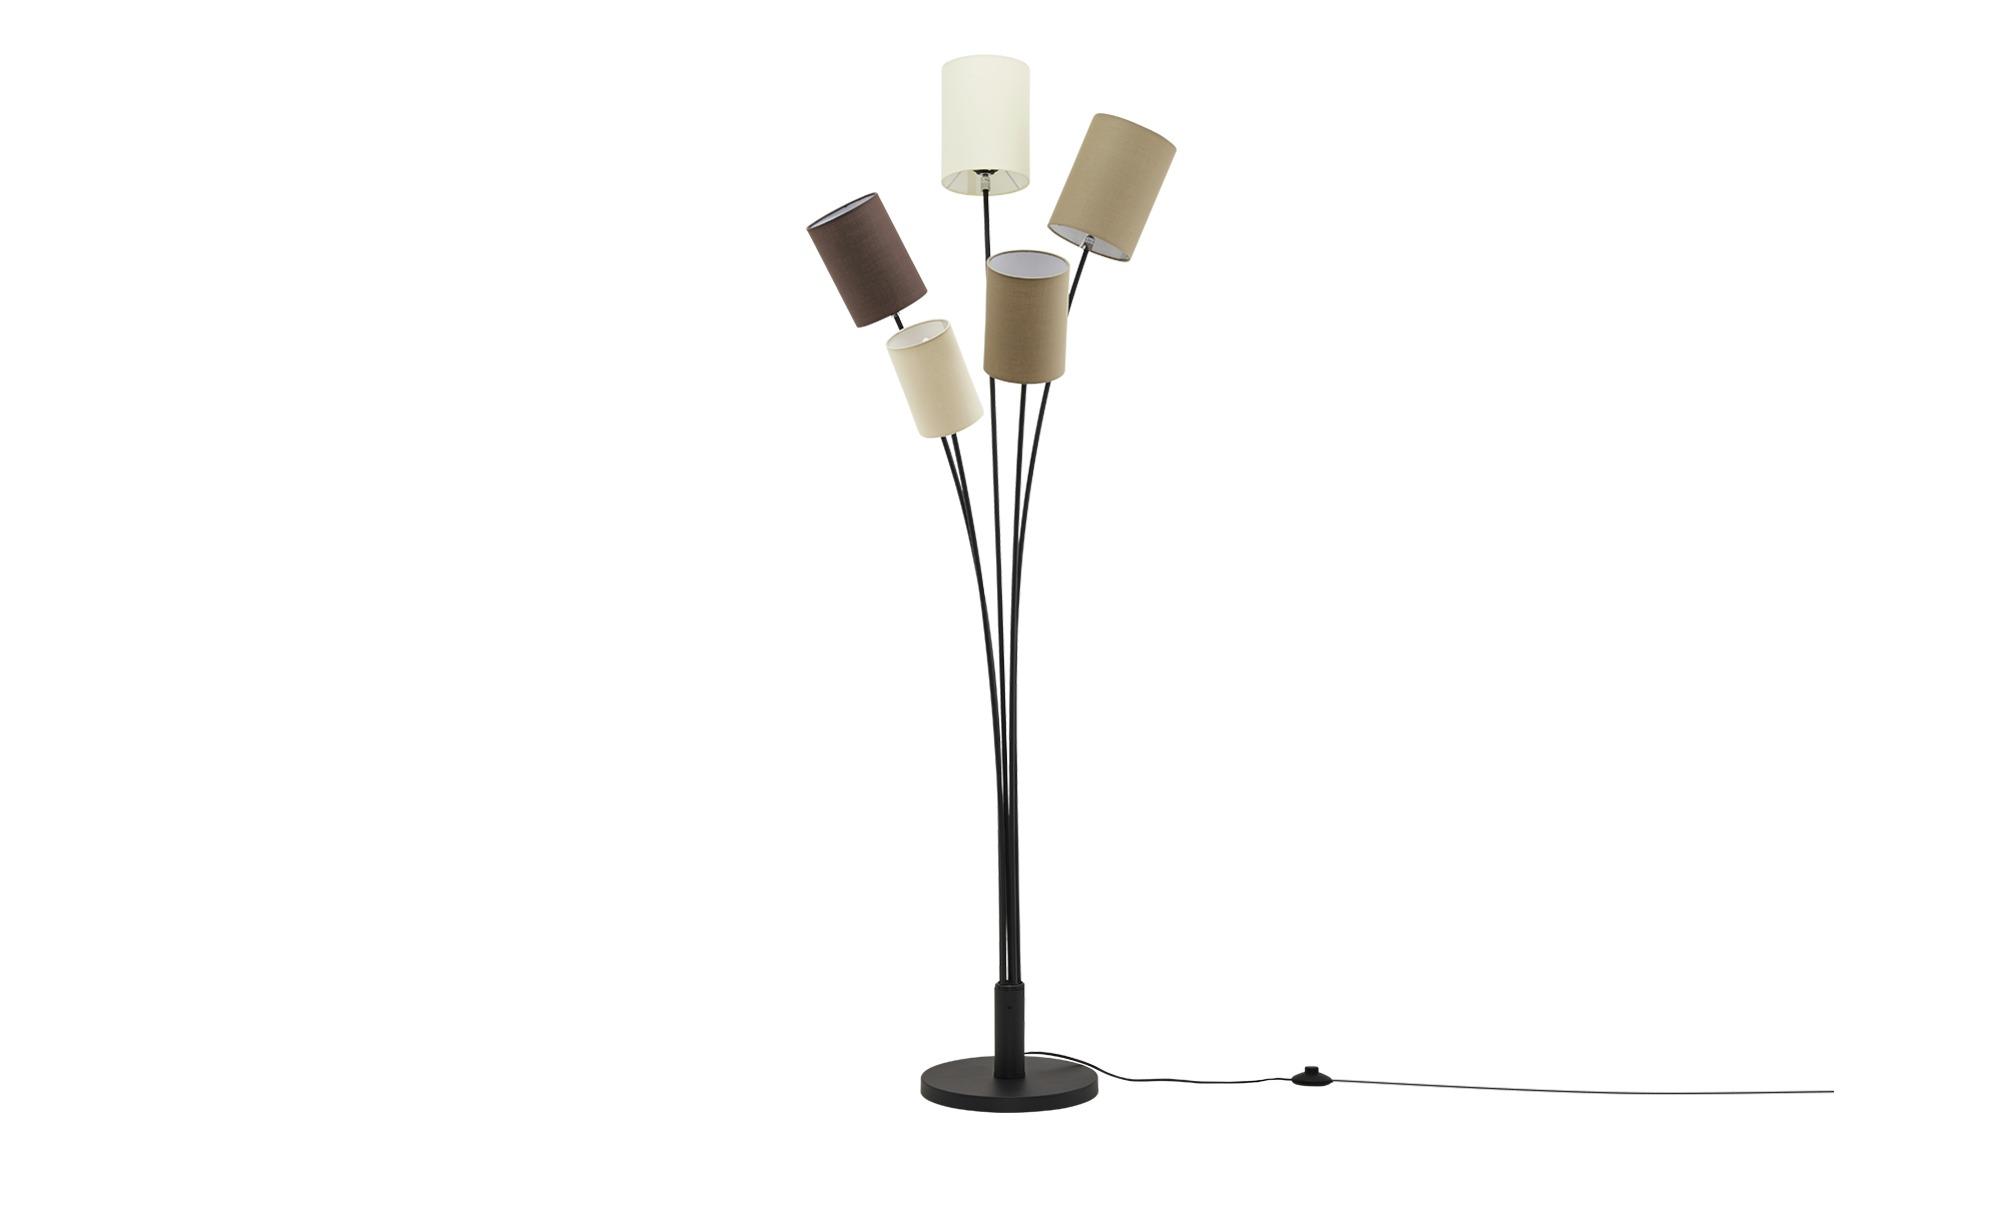 HOME STORY Stehleuchte, 5-flammig ¦ schwarz ¦ Maße (cm): H: 175 Ø: [63.0] Lampen & Leuchten > Innenleuchten > Stehlampen - Höffner